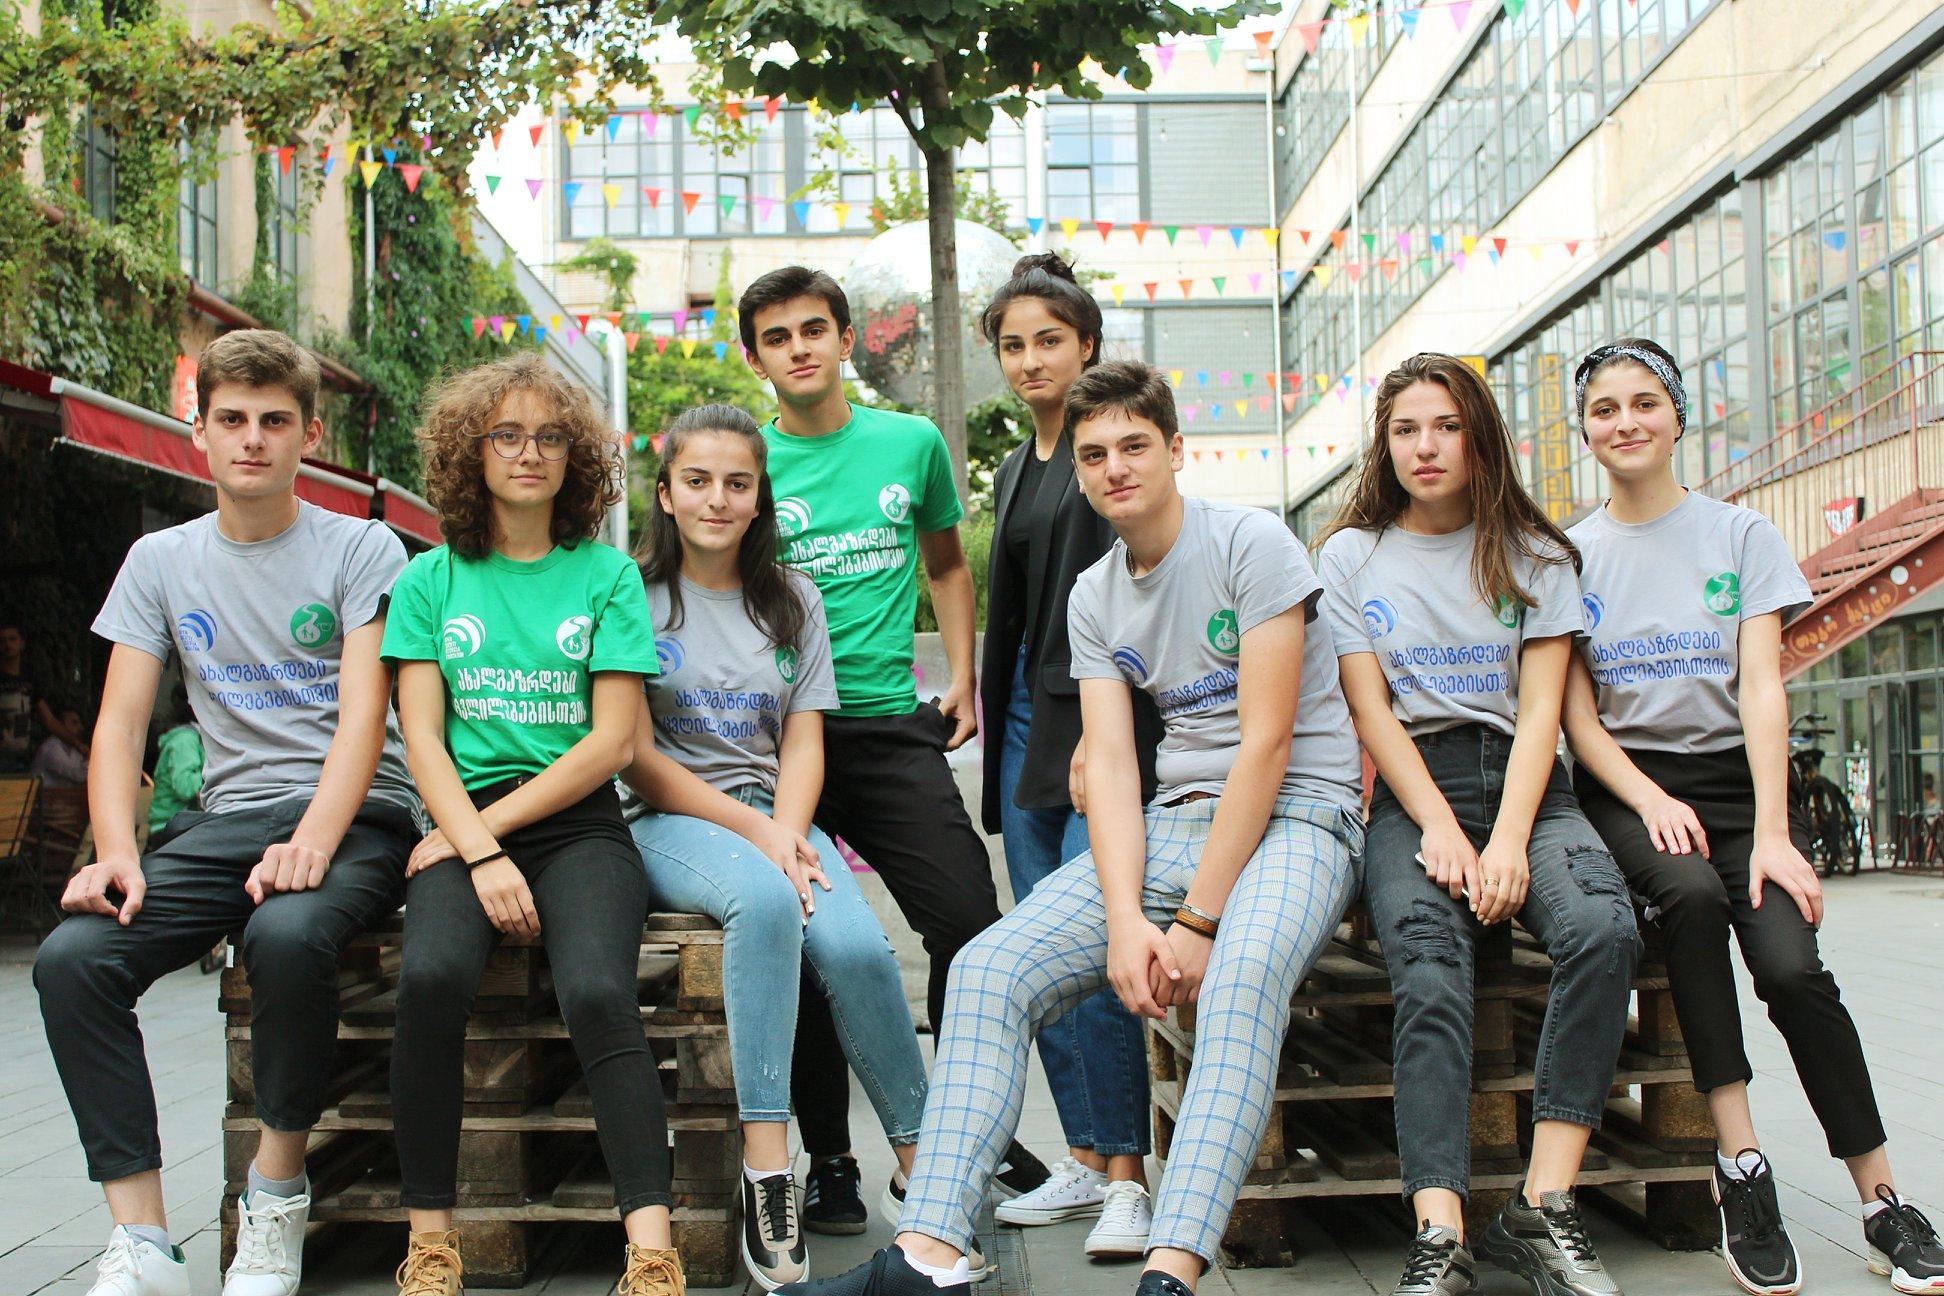 ახალგაზრდობა - ცვლილებებისთვის